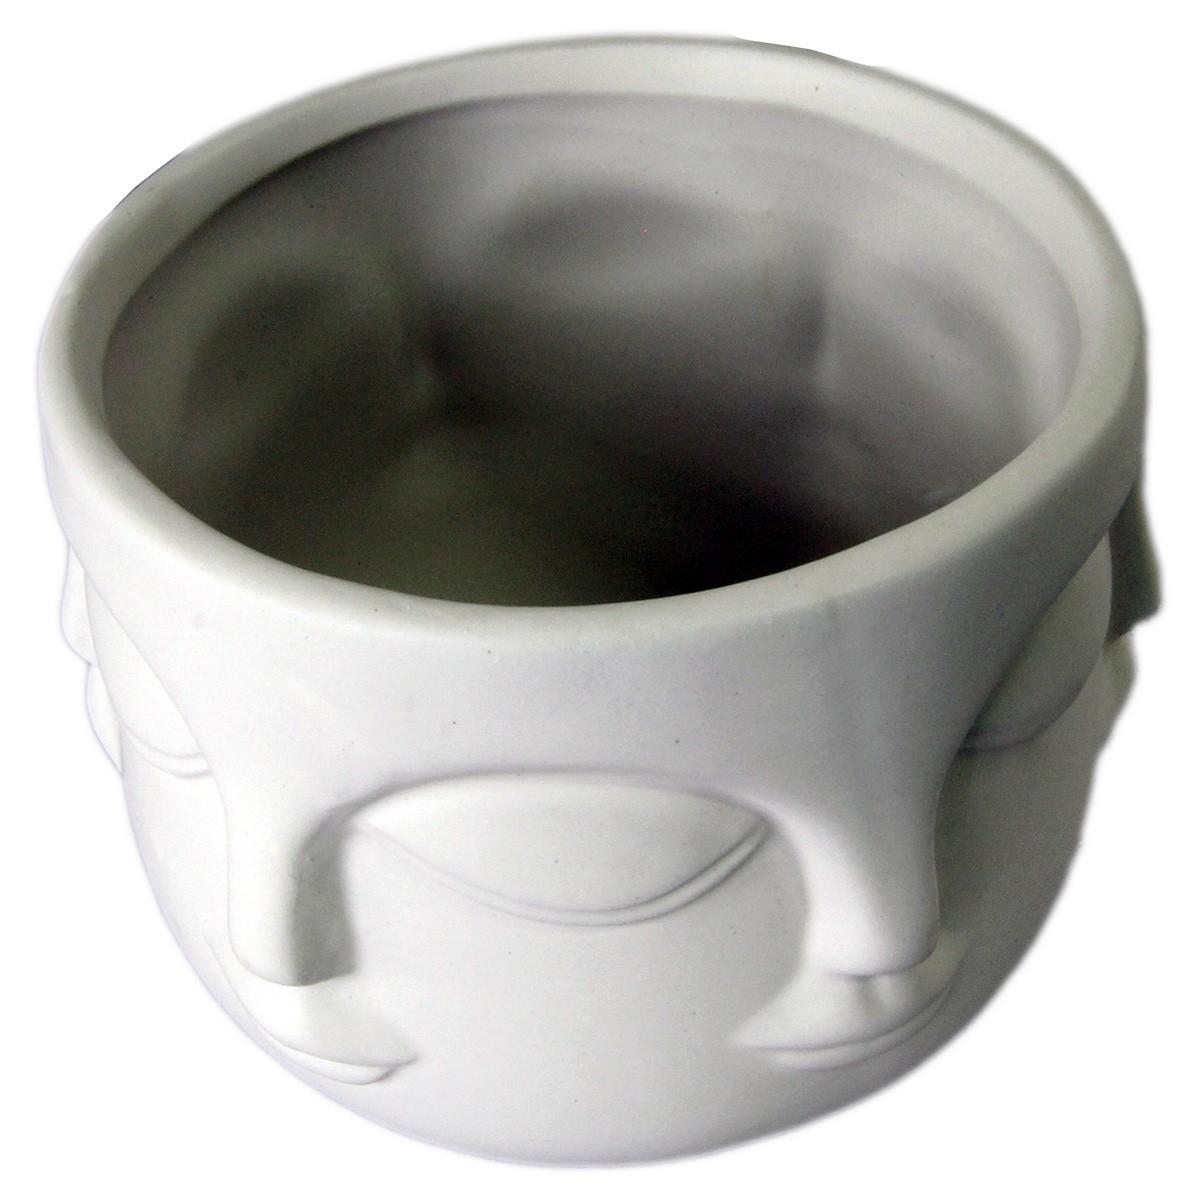 Pote rosto cerâmica branco 12x8,5cm BTC